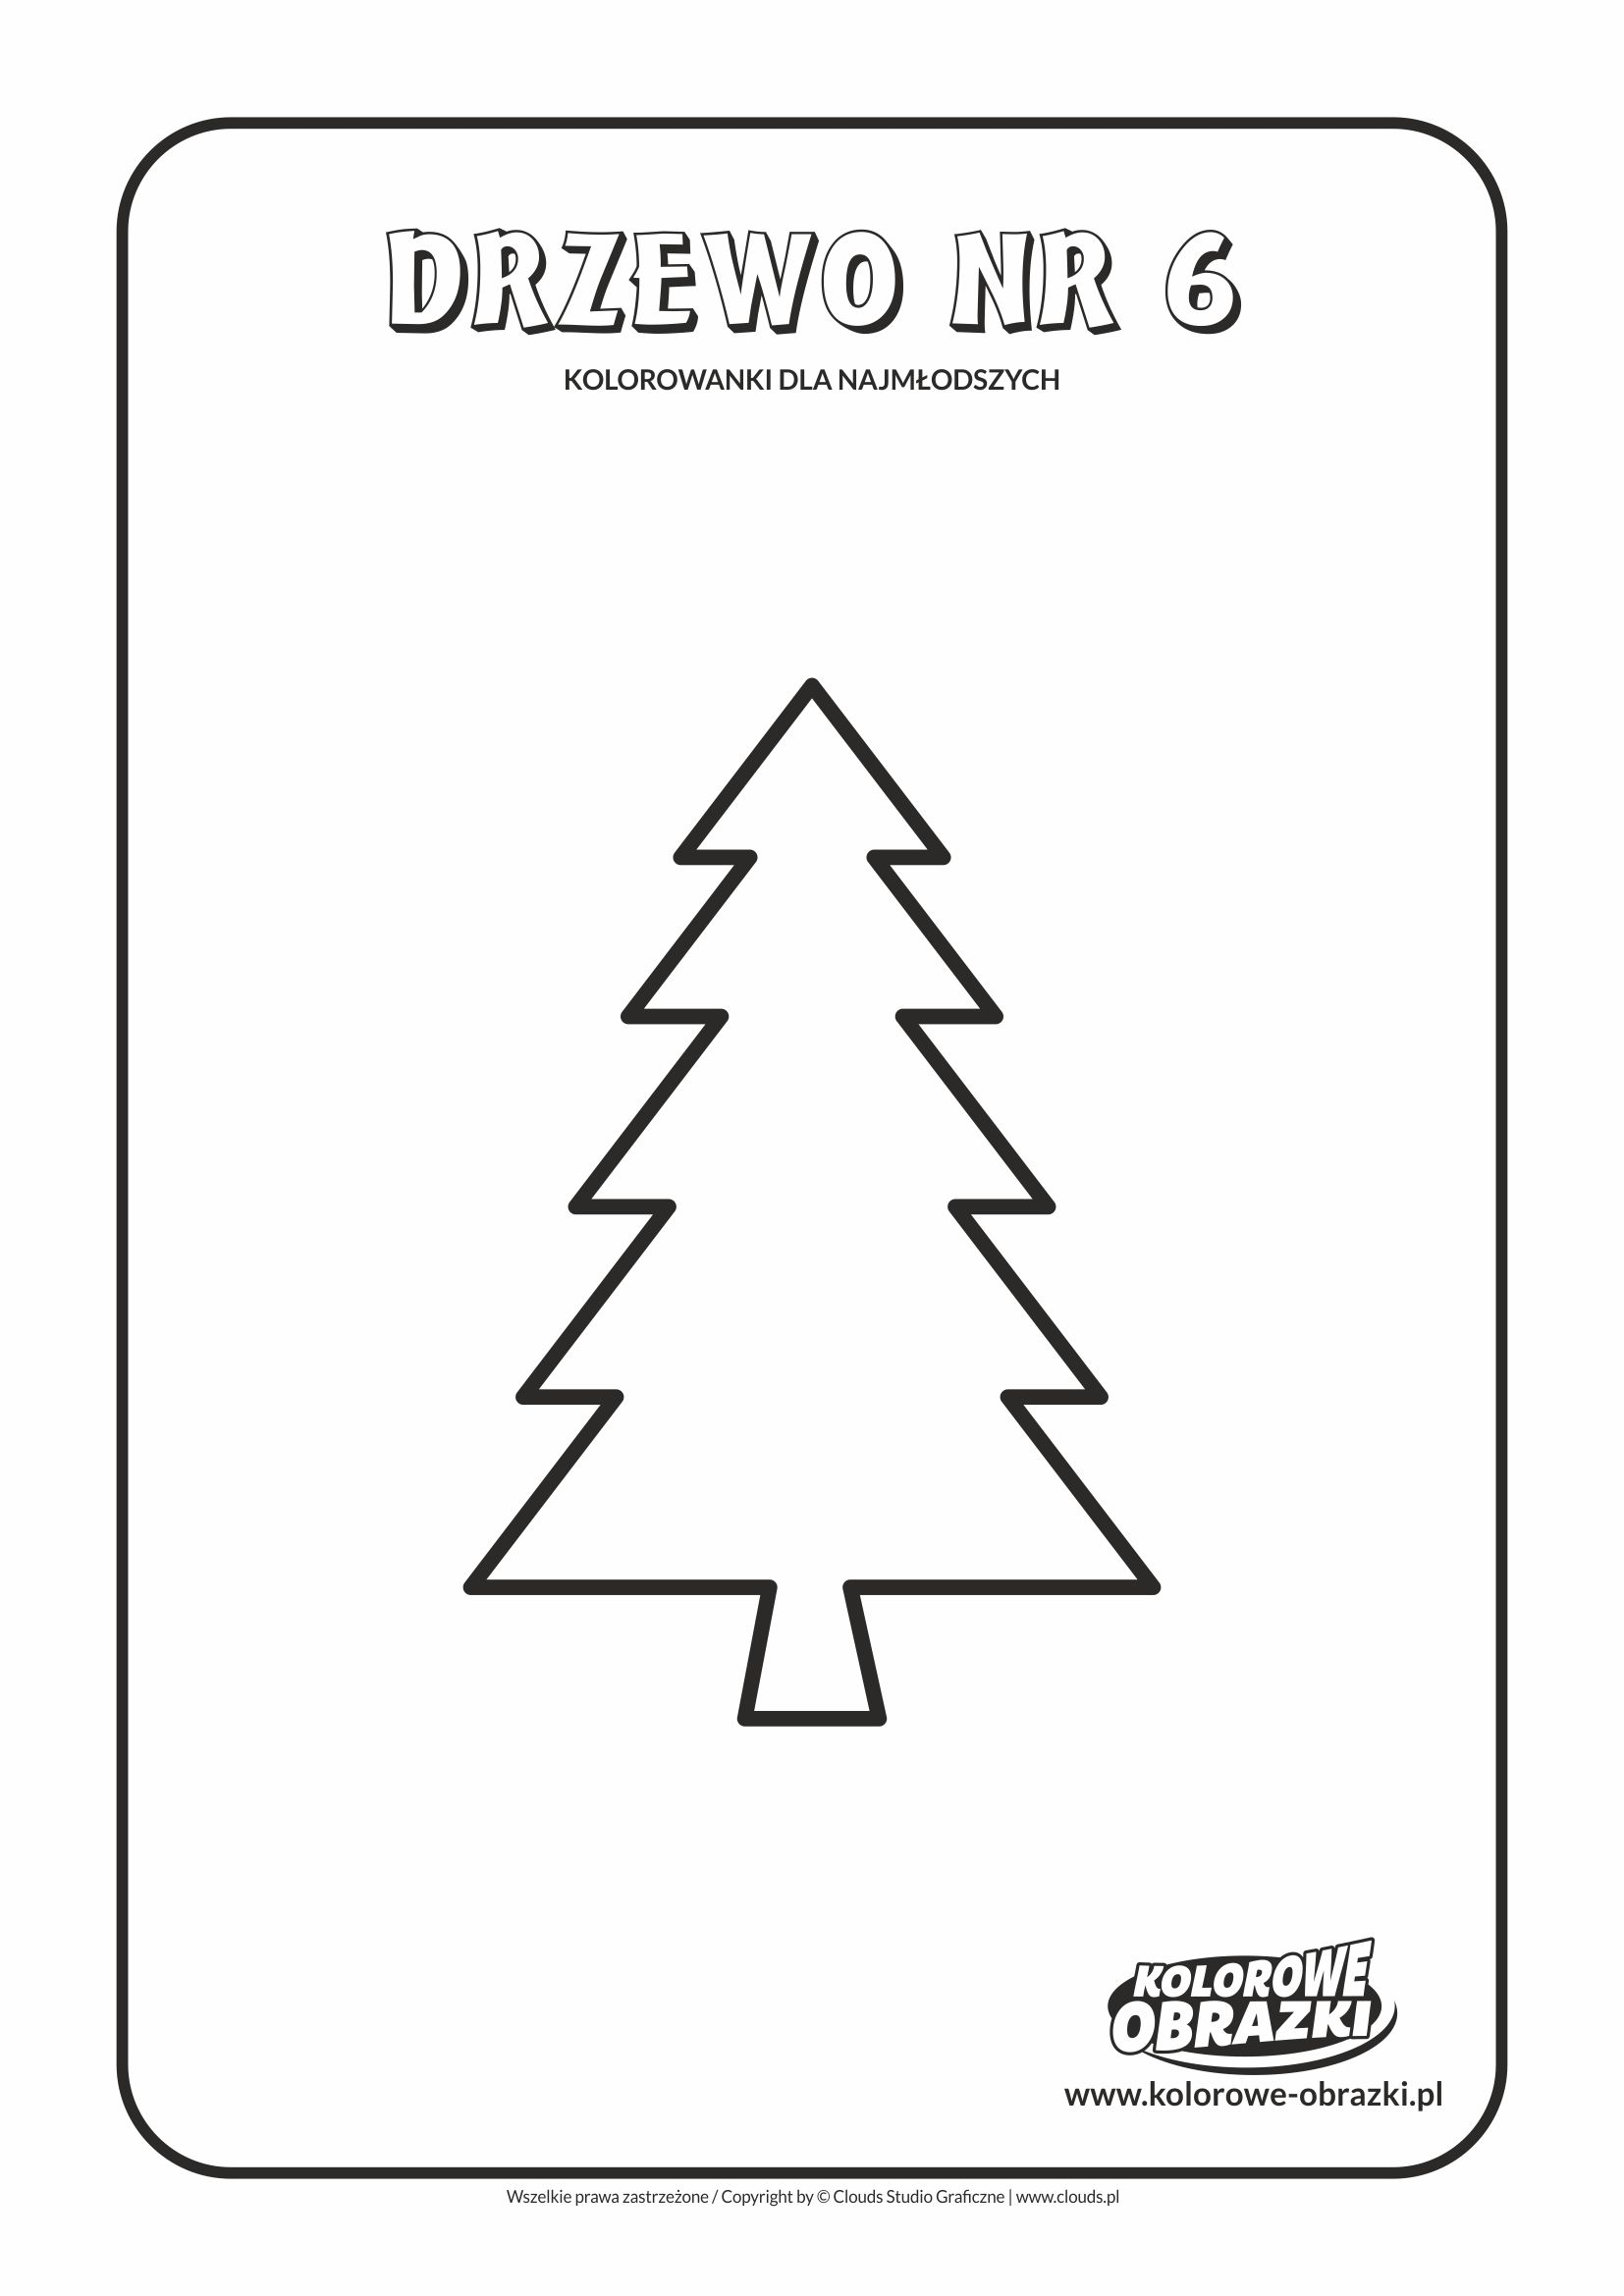 Proste kolorowanki dla najmłodszych - Drzewa / Drzewo nr 6. Kolorowanka z drzewem